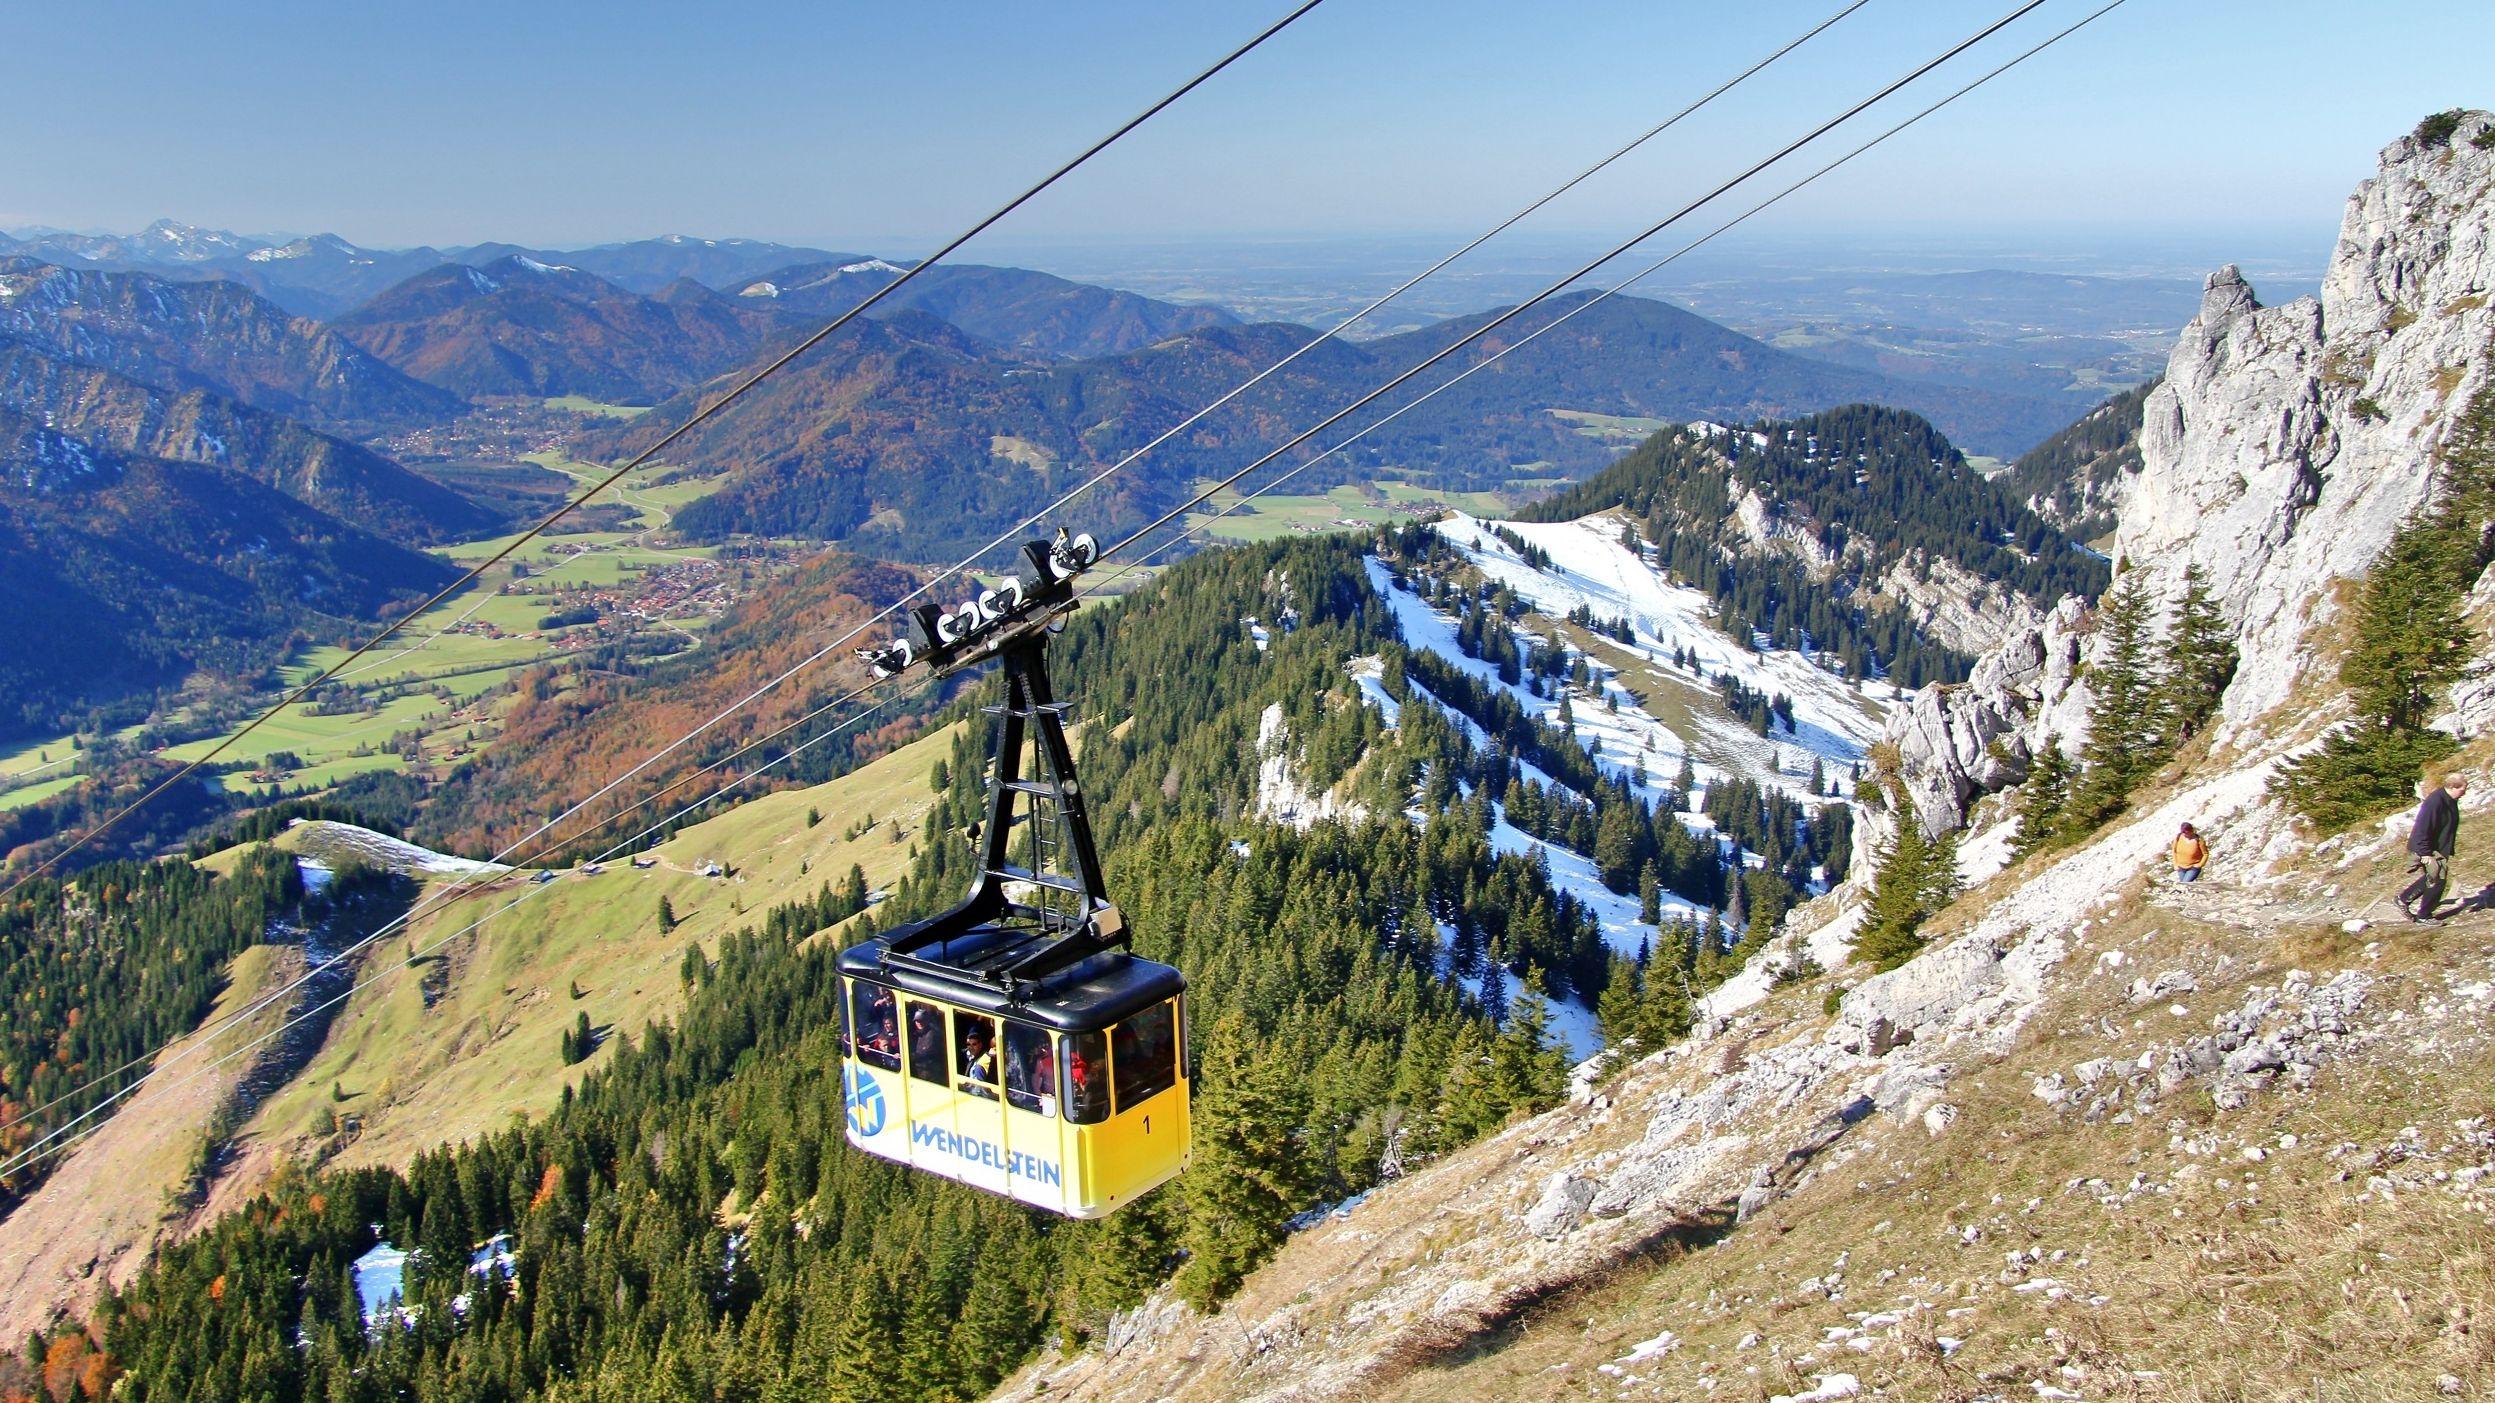 Die Wendelstein-Seilbahn fährt auf den Gipfel.